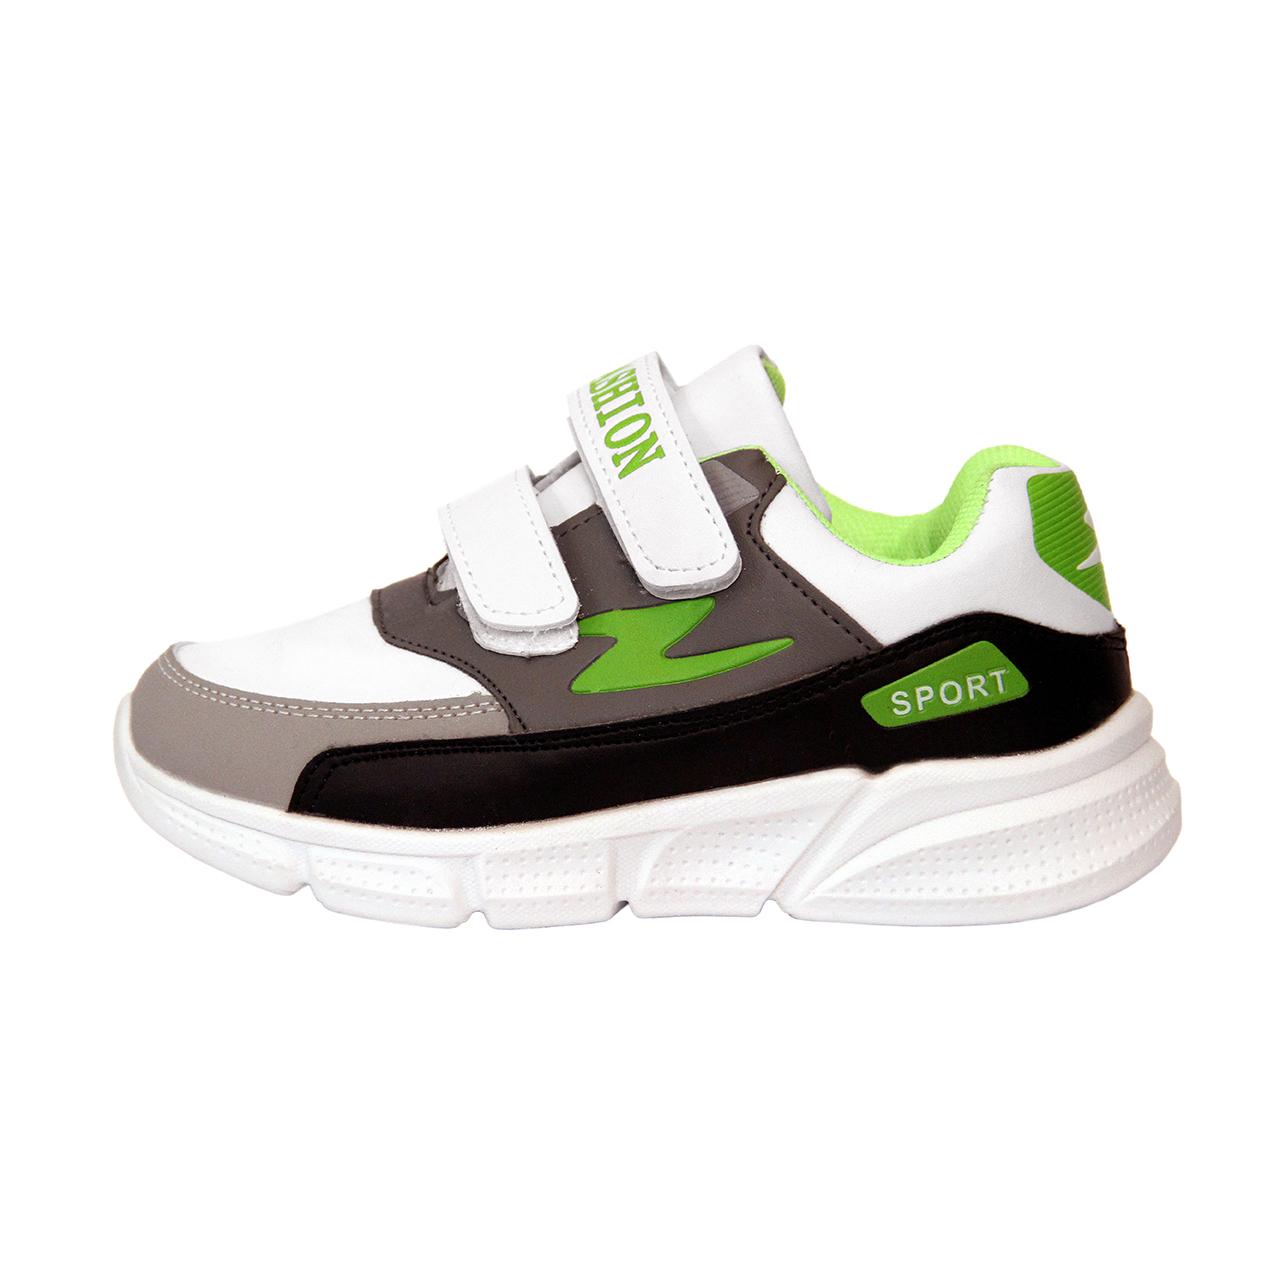 تصویر کفش راحتی کد 376